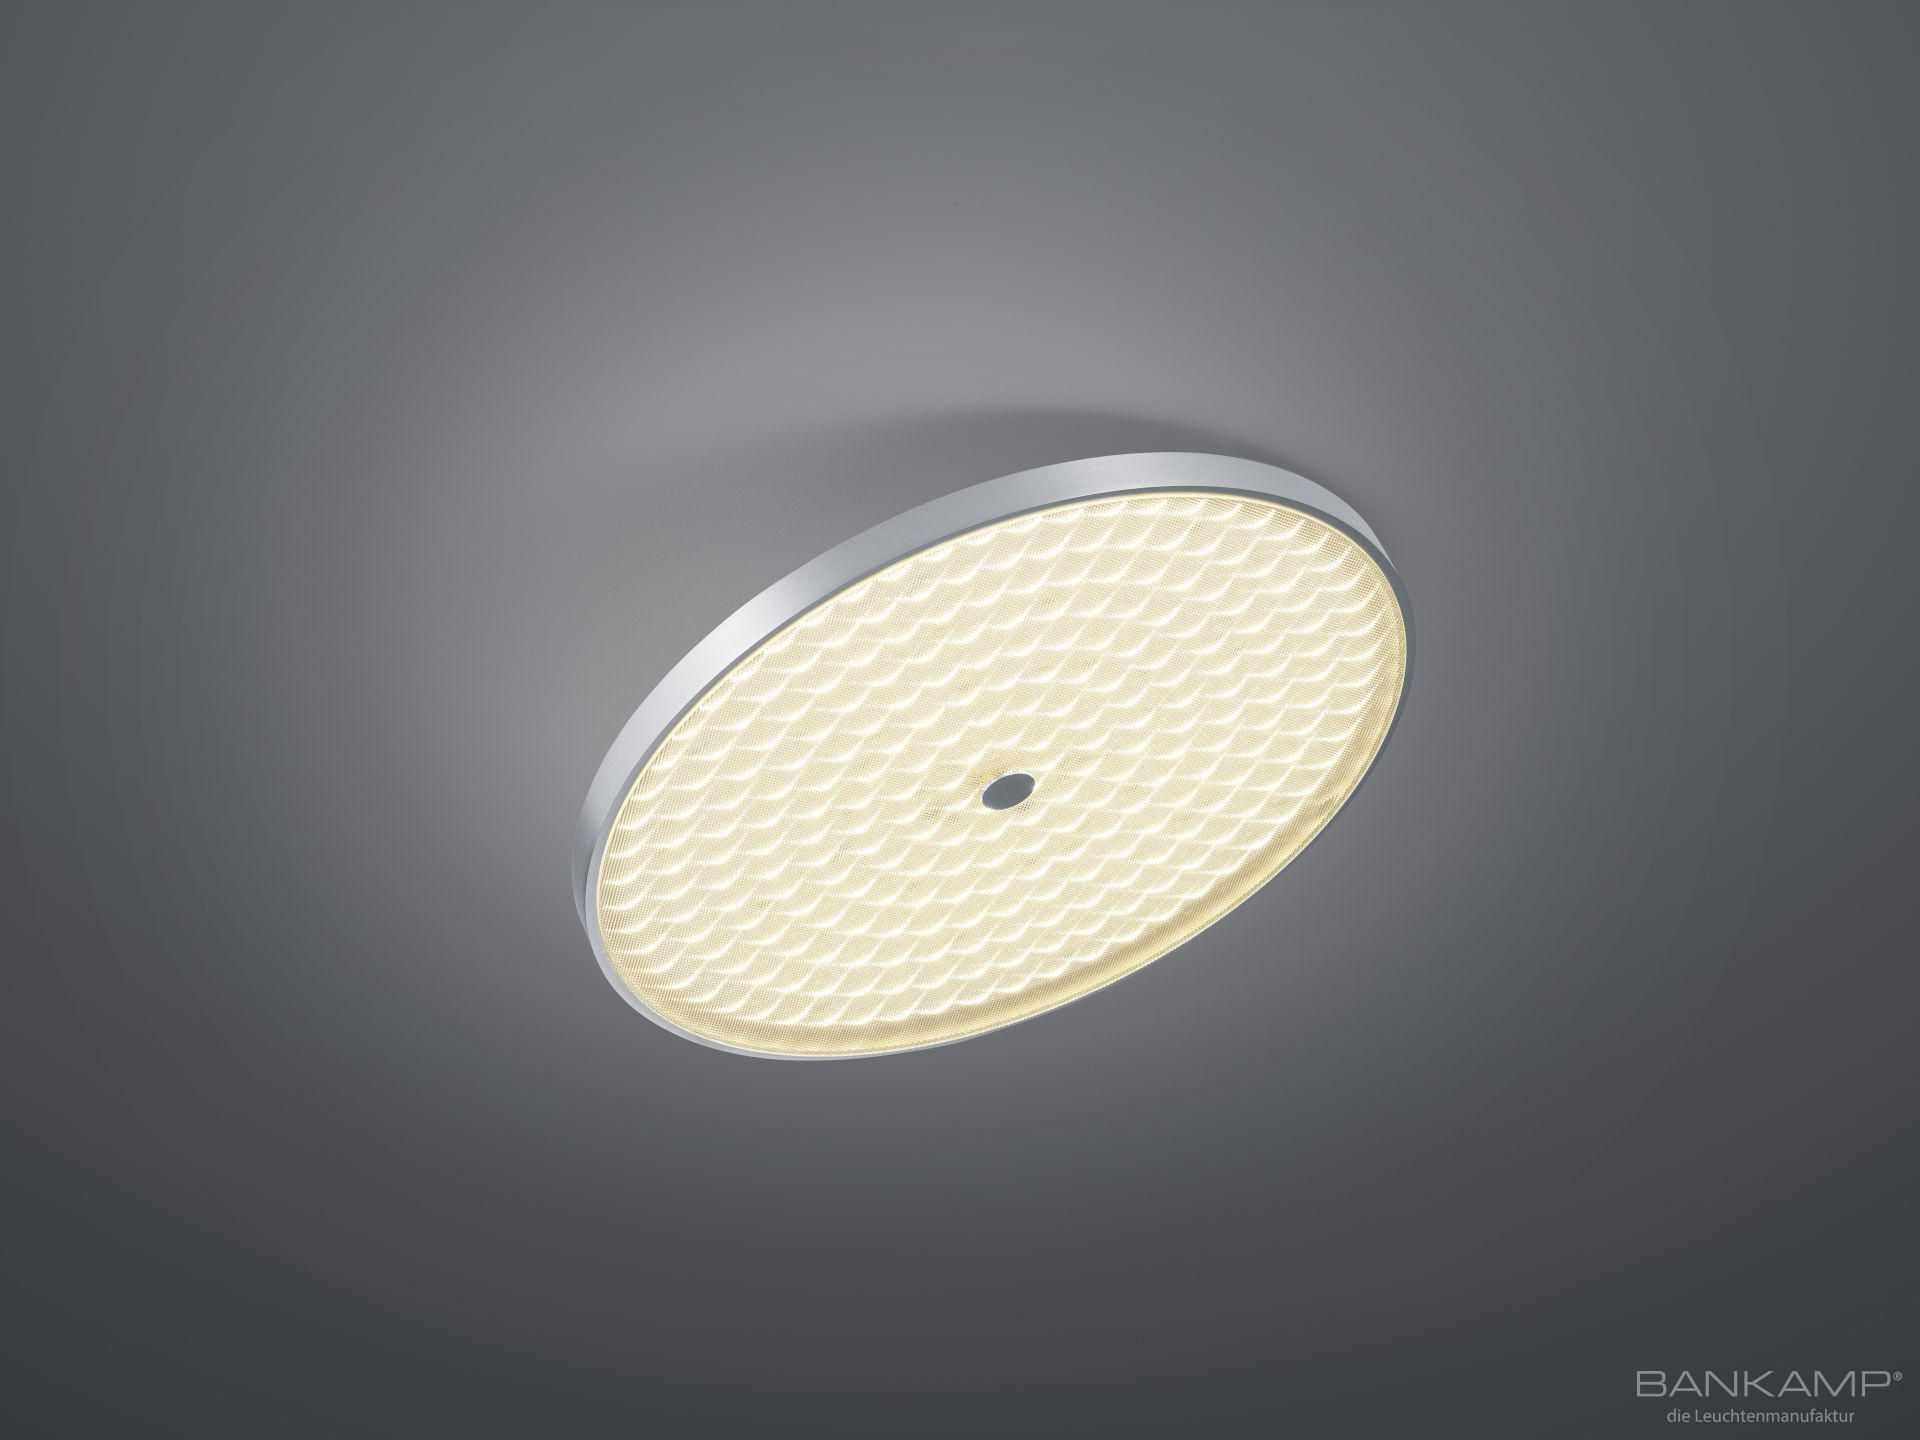 BANKAMP LeuchtenmanufakturLED-Deckenleuchte Solid7763/1-92